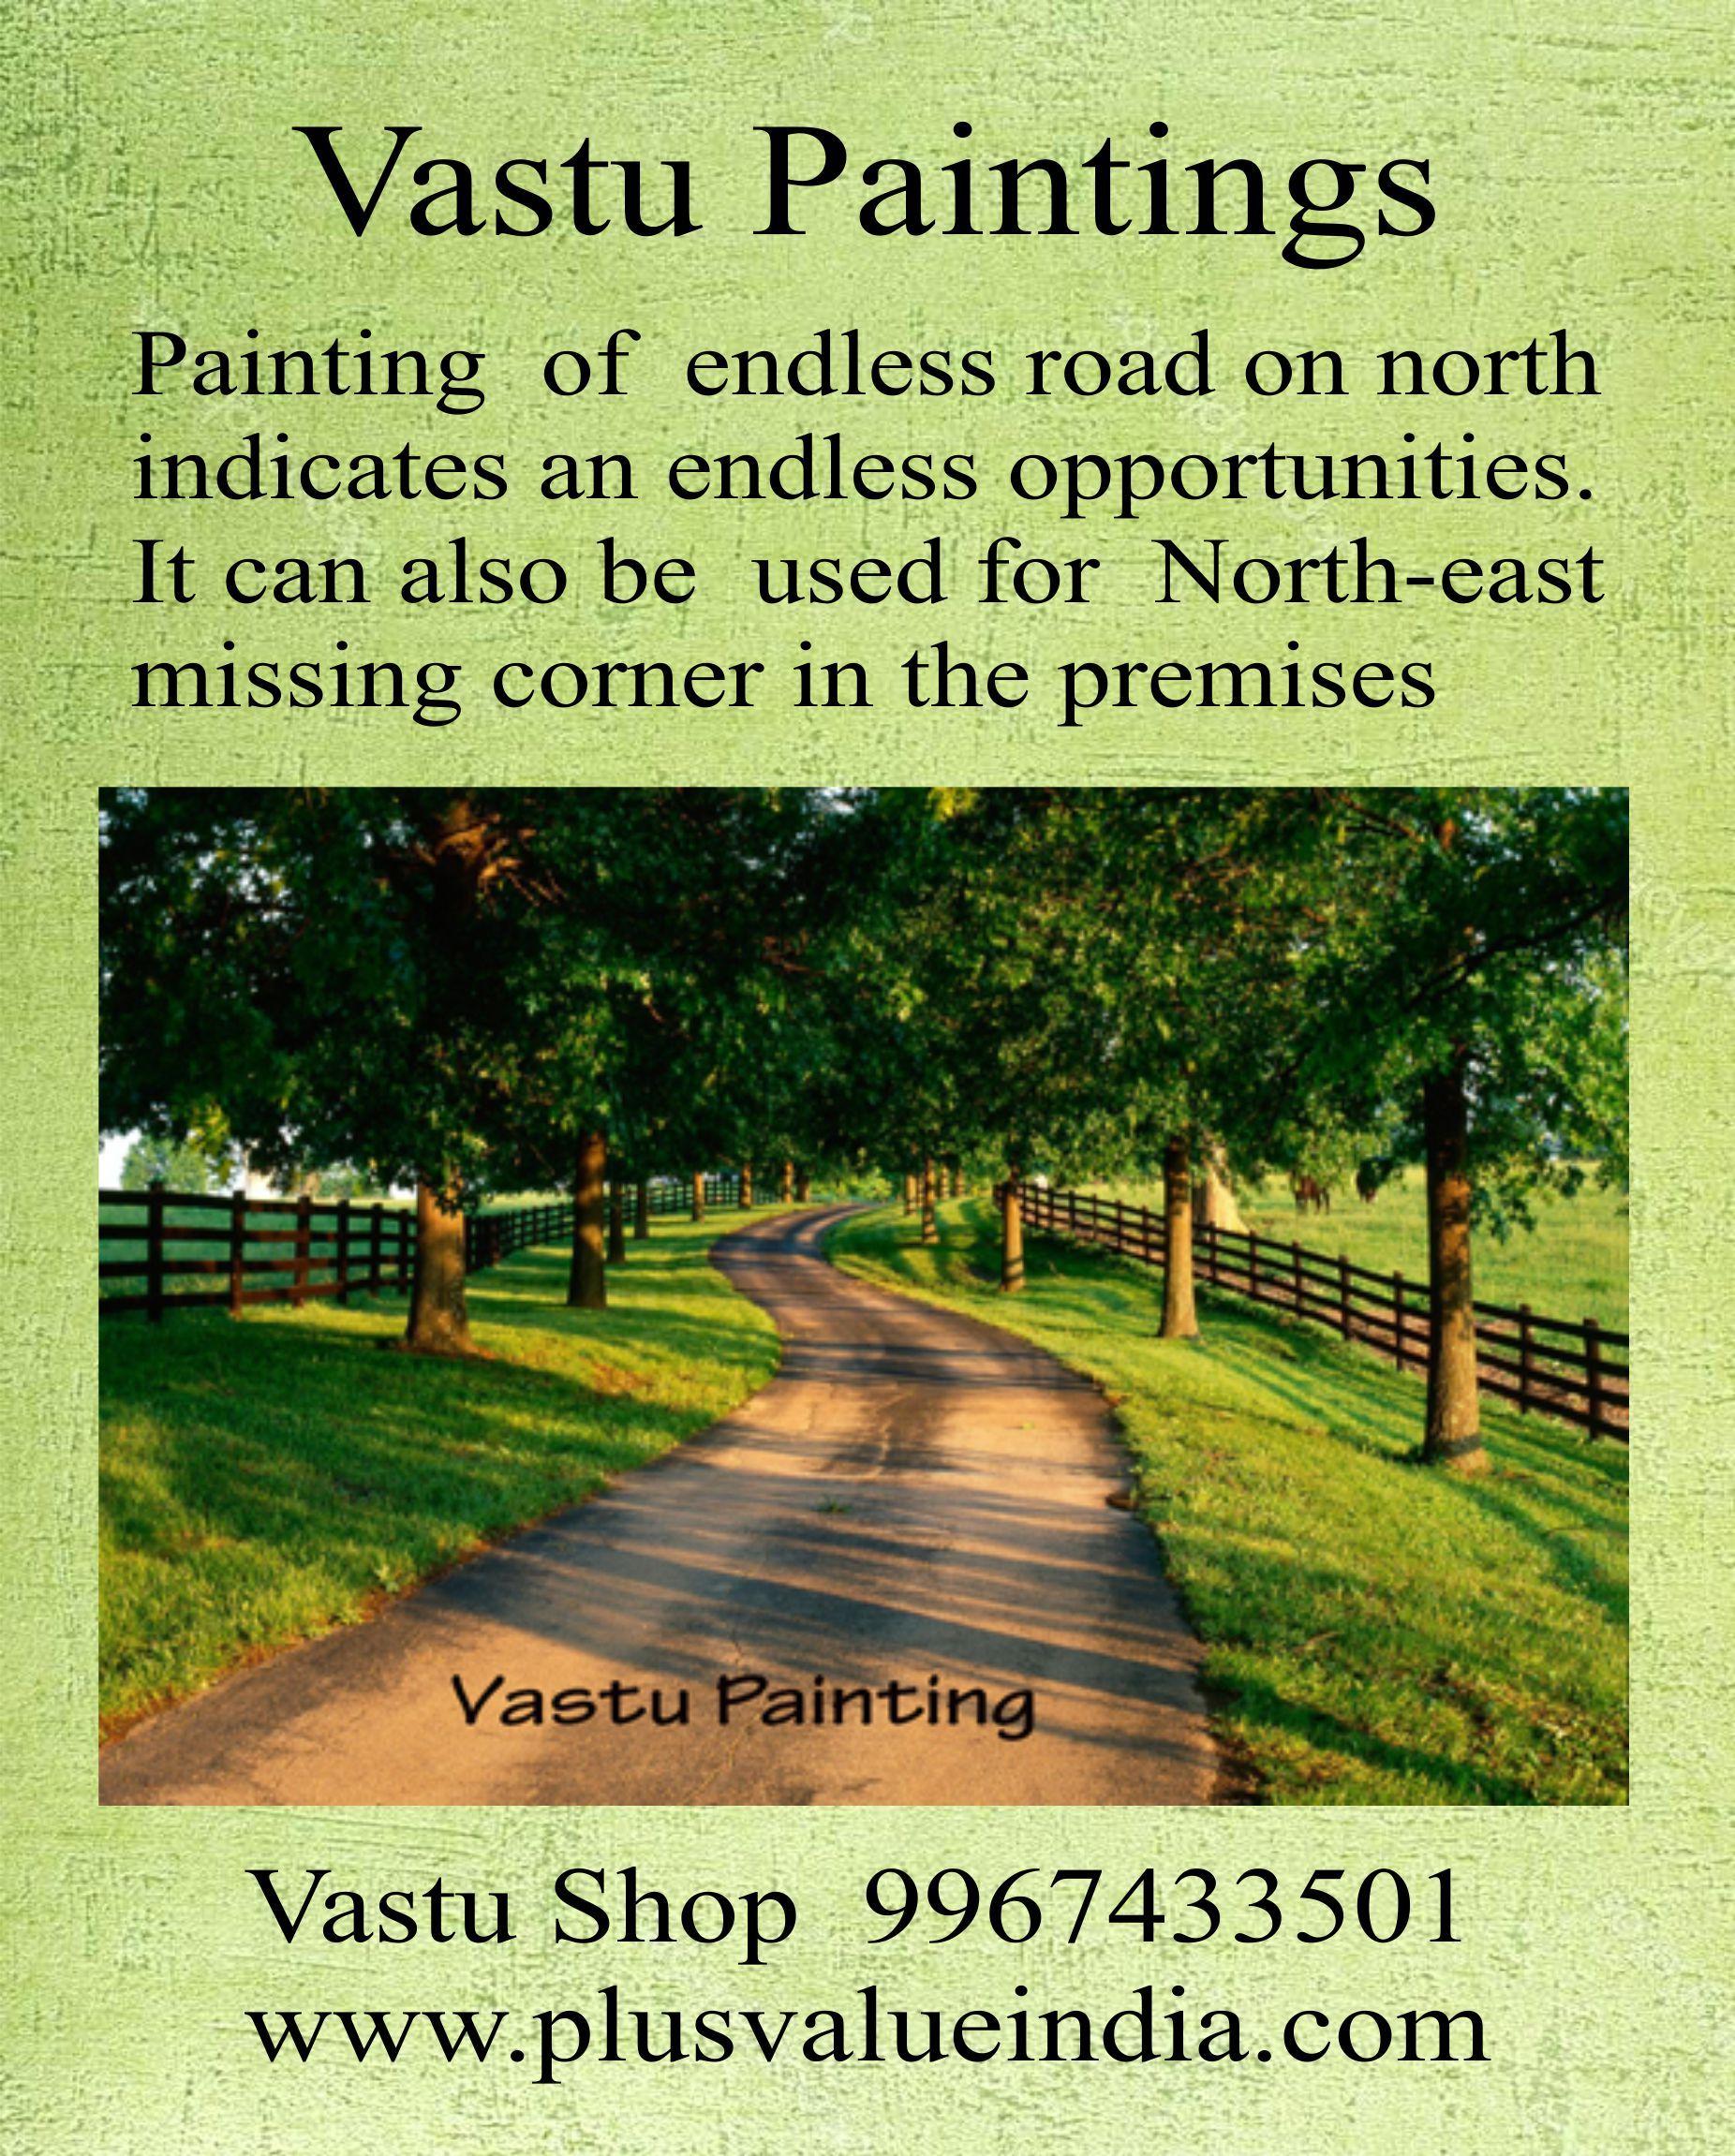 Endless Road Path Painting Vastu Fengshui Northeast Missing